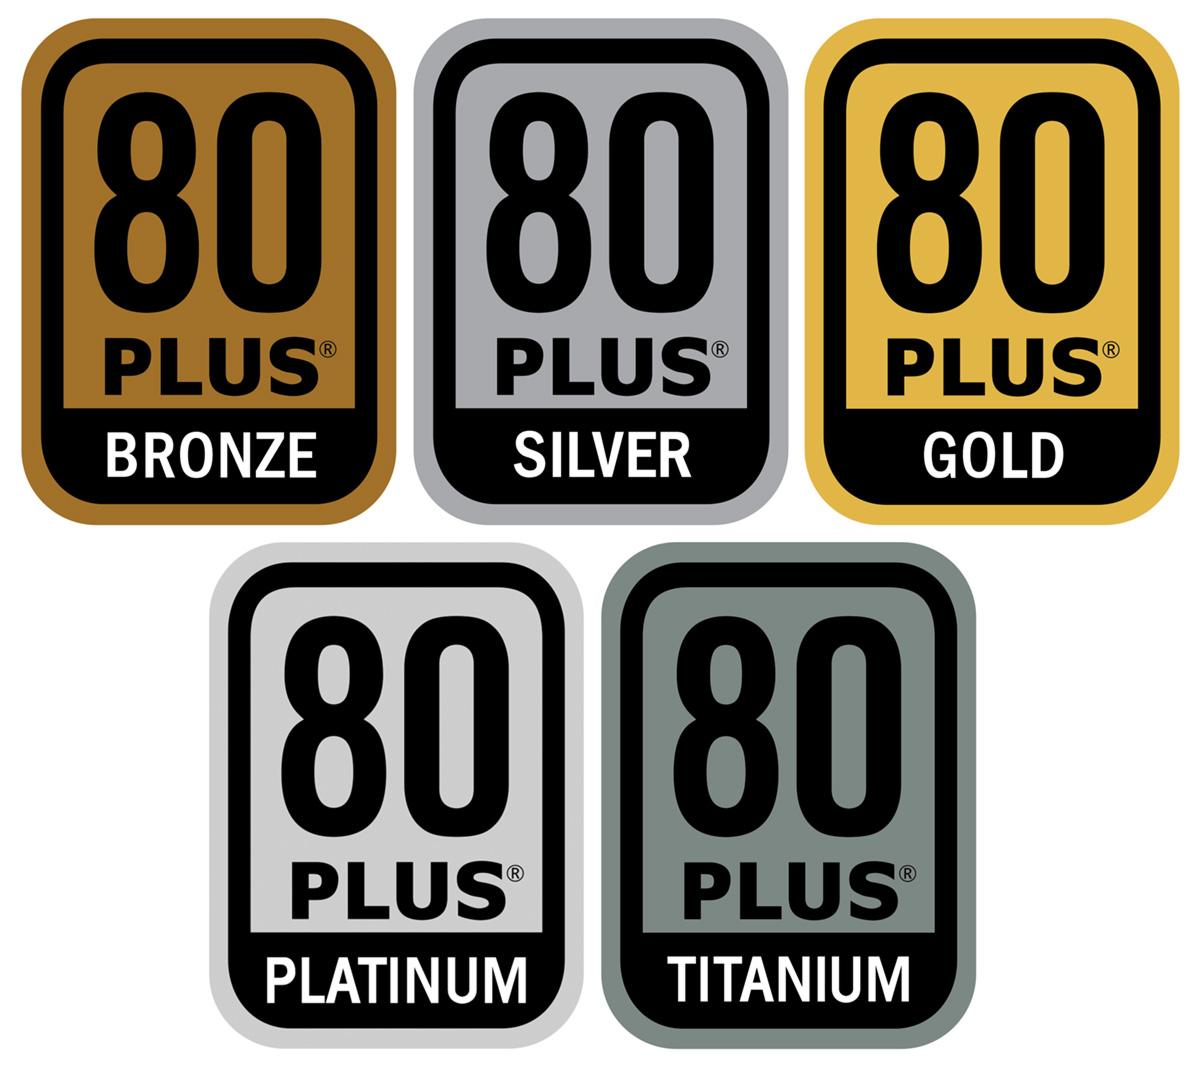 Сертификаты 80 PLUS для блоков питания